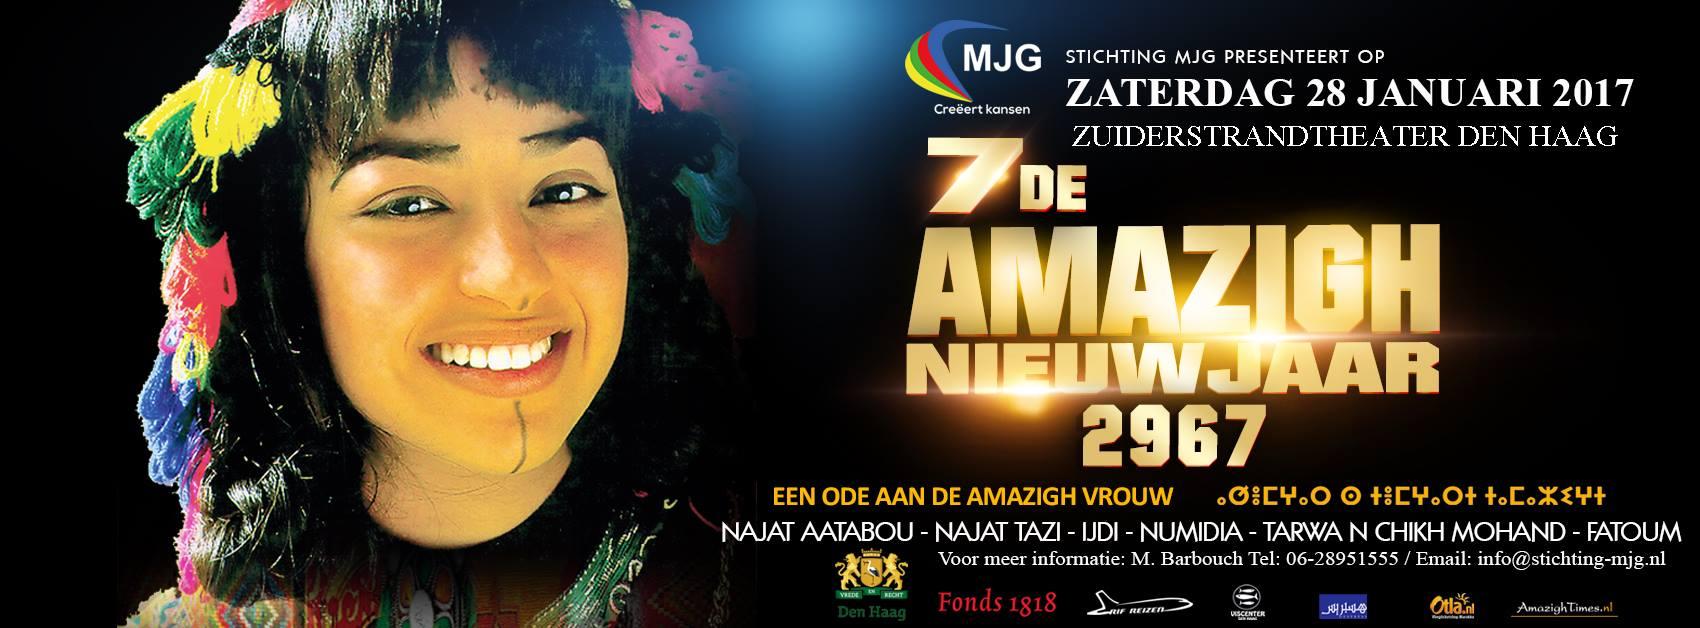 Amazigh Nieuwjaarsfeest Den Haag – Een ode aan de Amazigh vrouw